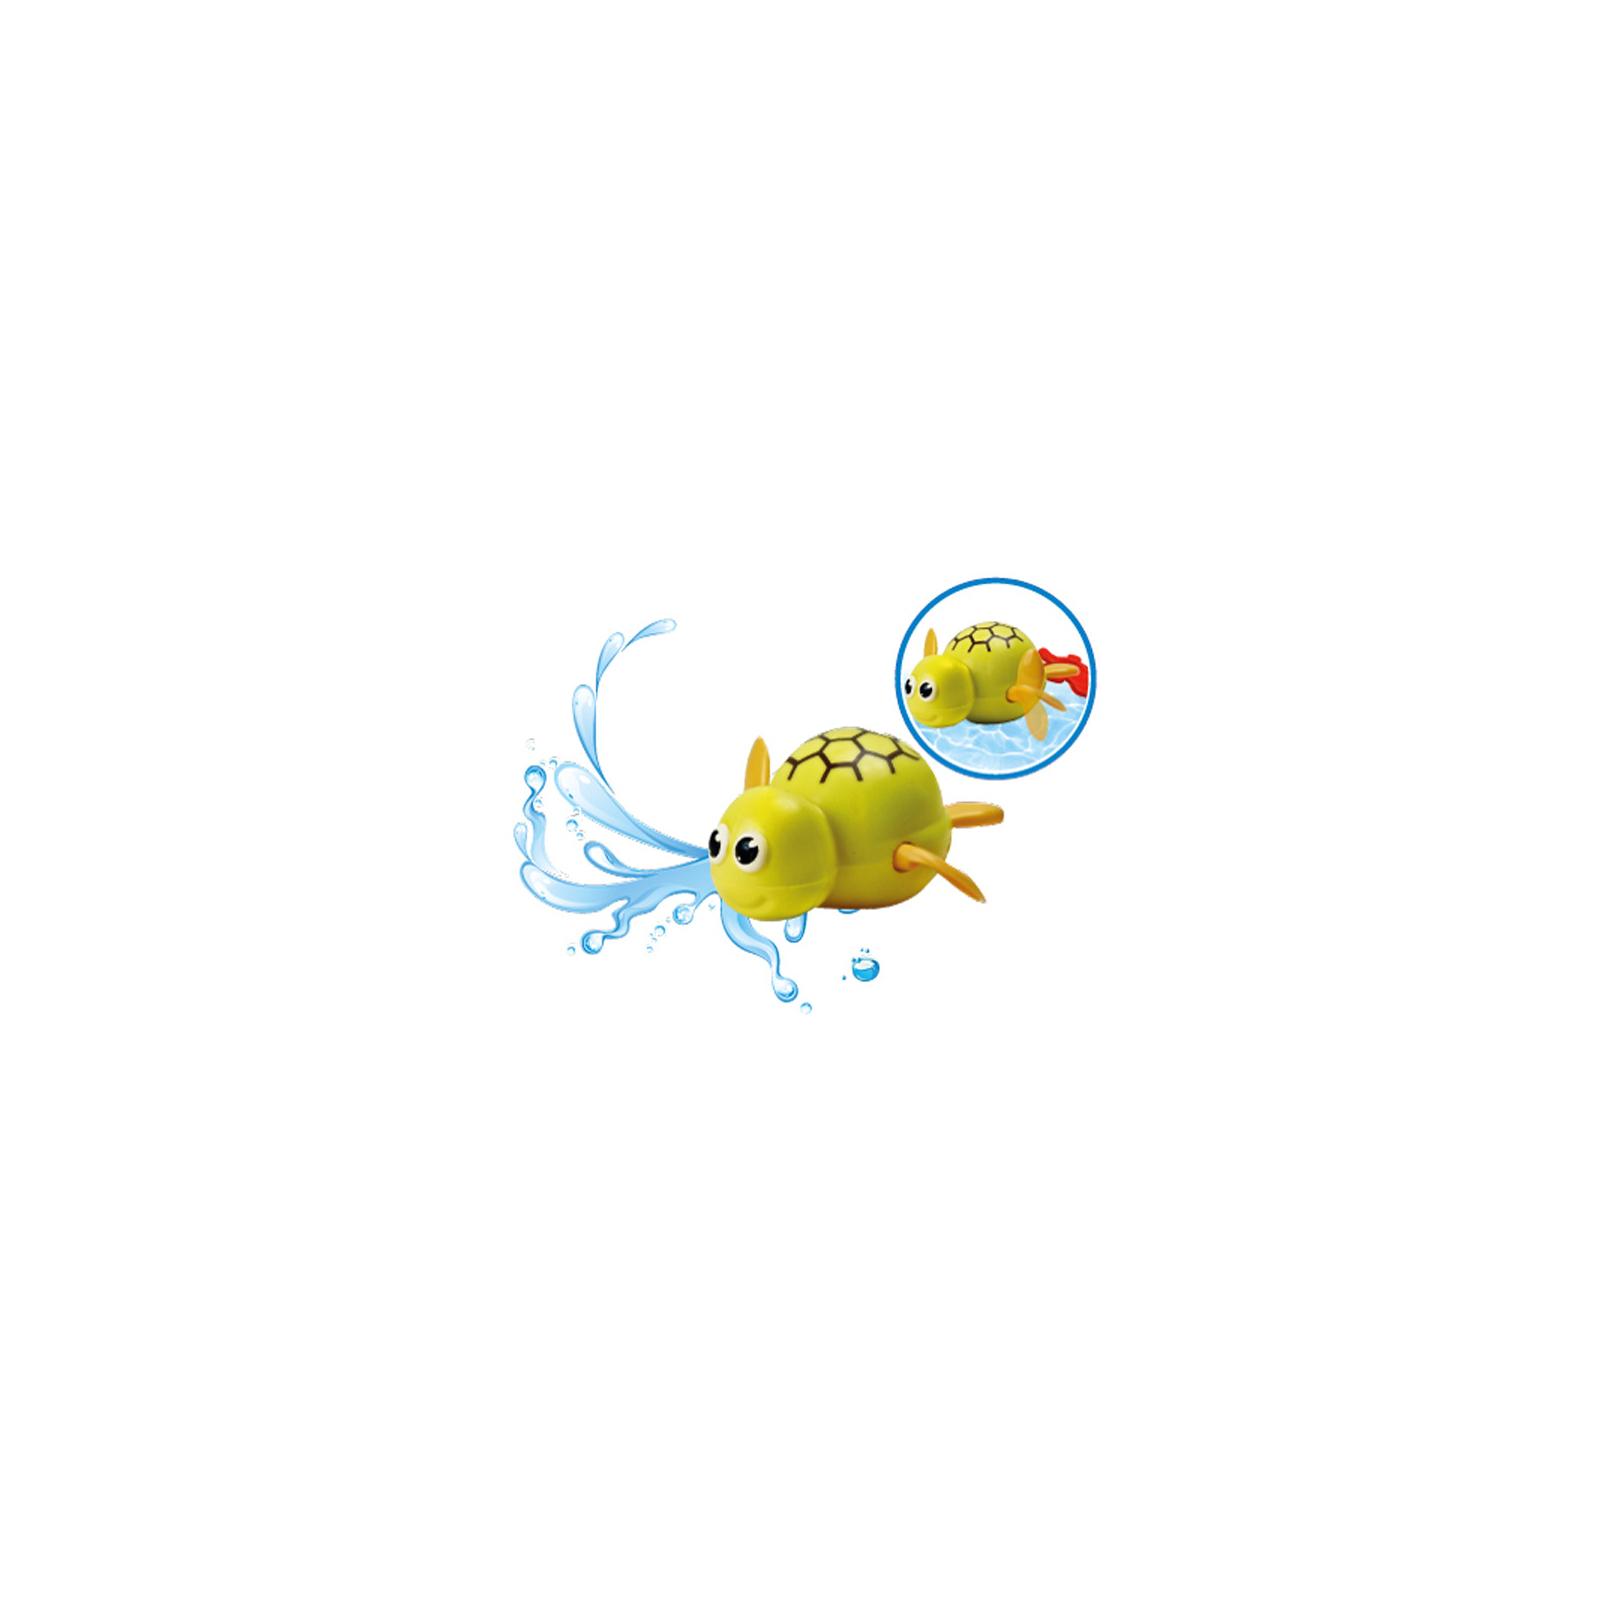 Развивающая игрушка BeBeLino Морский путешественник Черепашка (57094) изображение 2